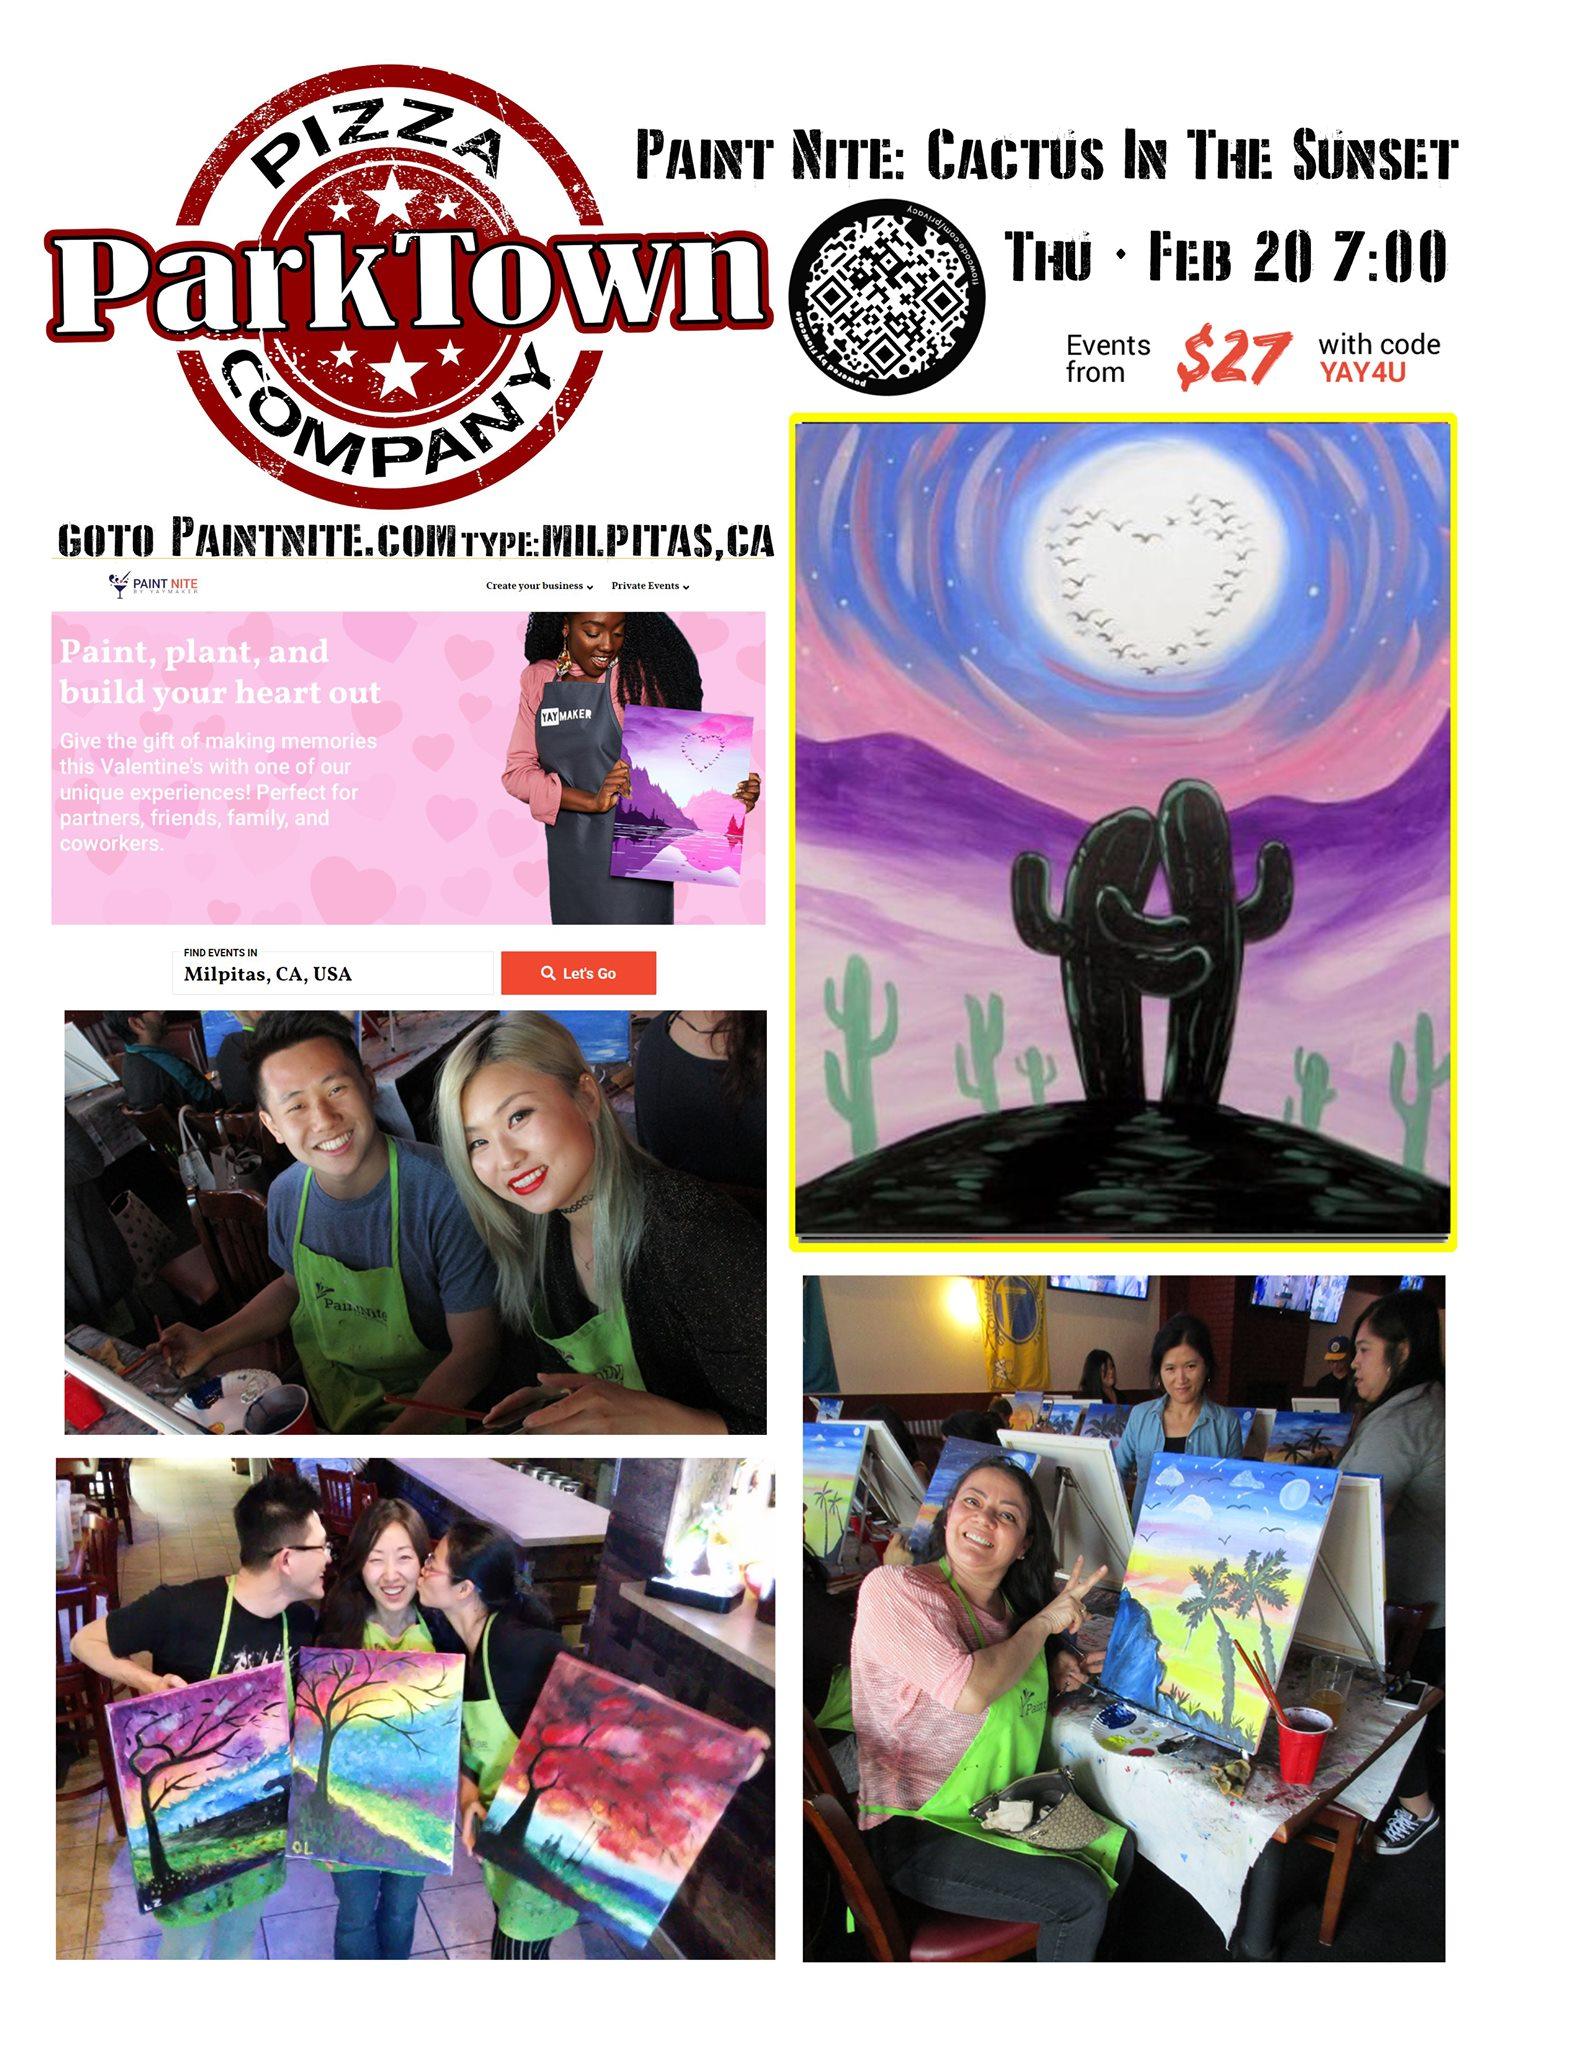 Parktown Pizza Company 1350 S Park Victoria Dr, Milpitas